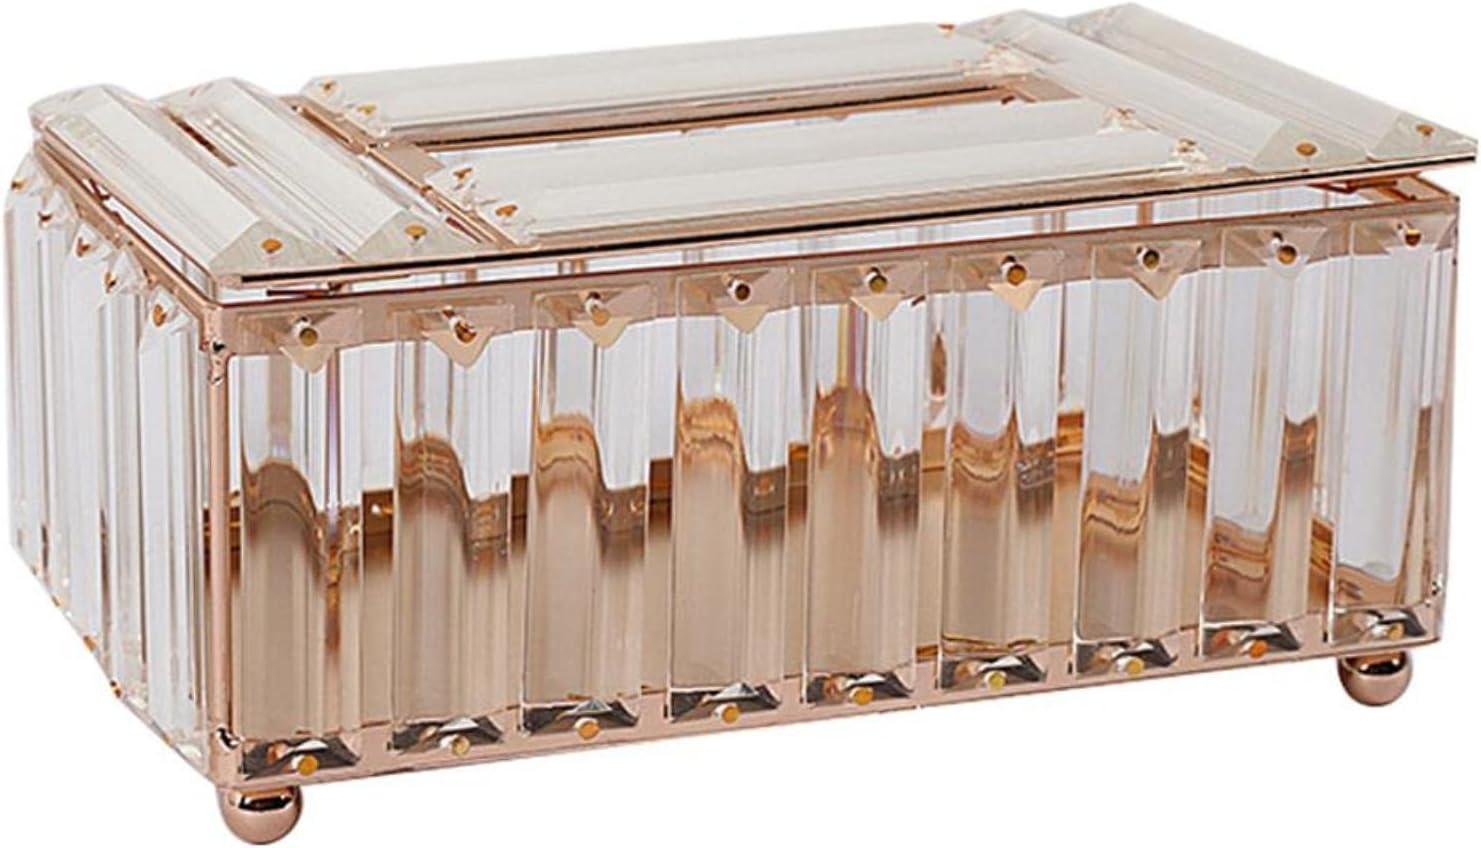 SHT Caja de Tejido de Cristal Papel de Papel Accesorios de Mesa de Oficina Facial Holder Bandeja de servilleta para el Hotel Holder Case Case Decoración